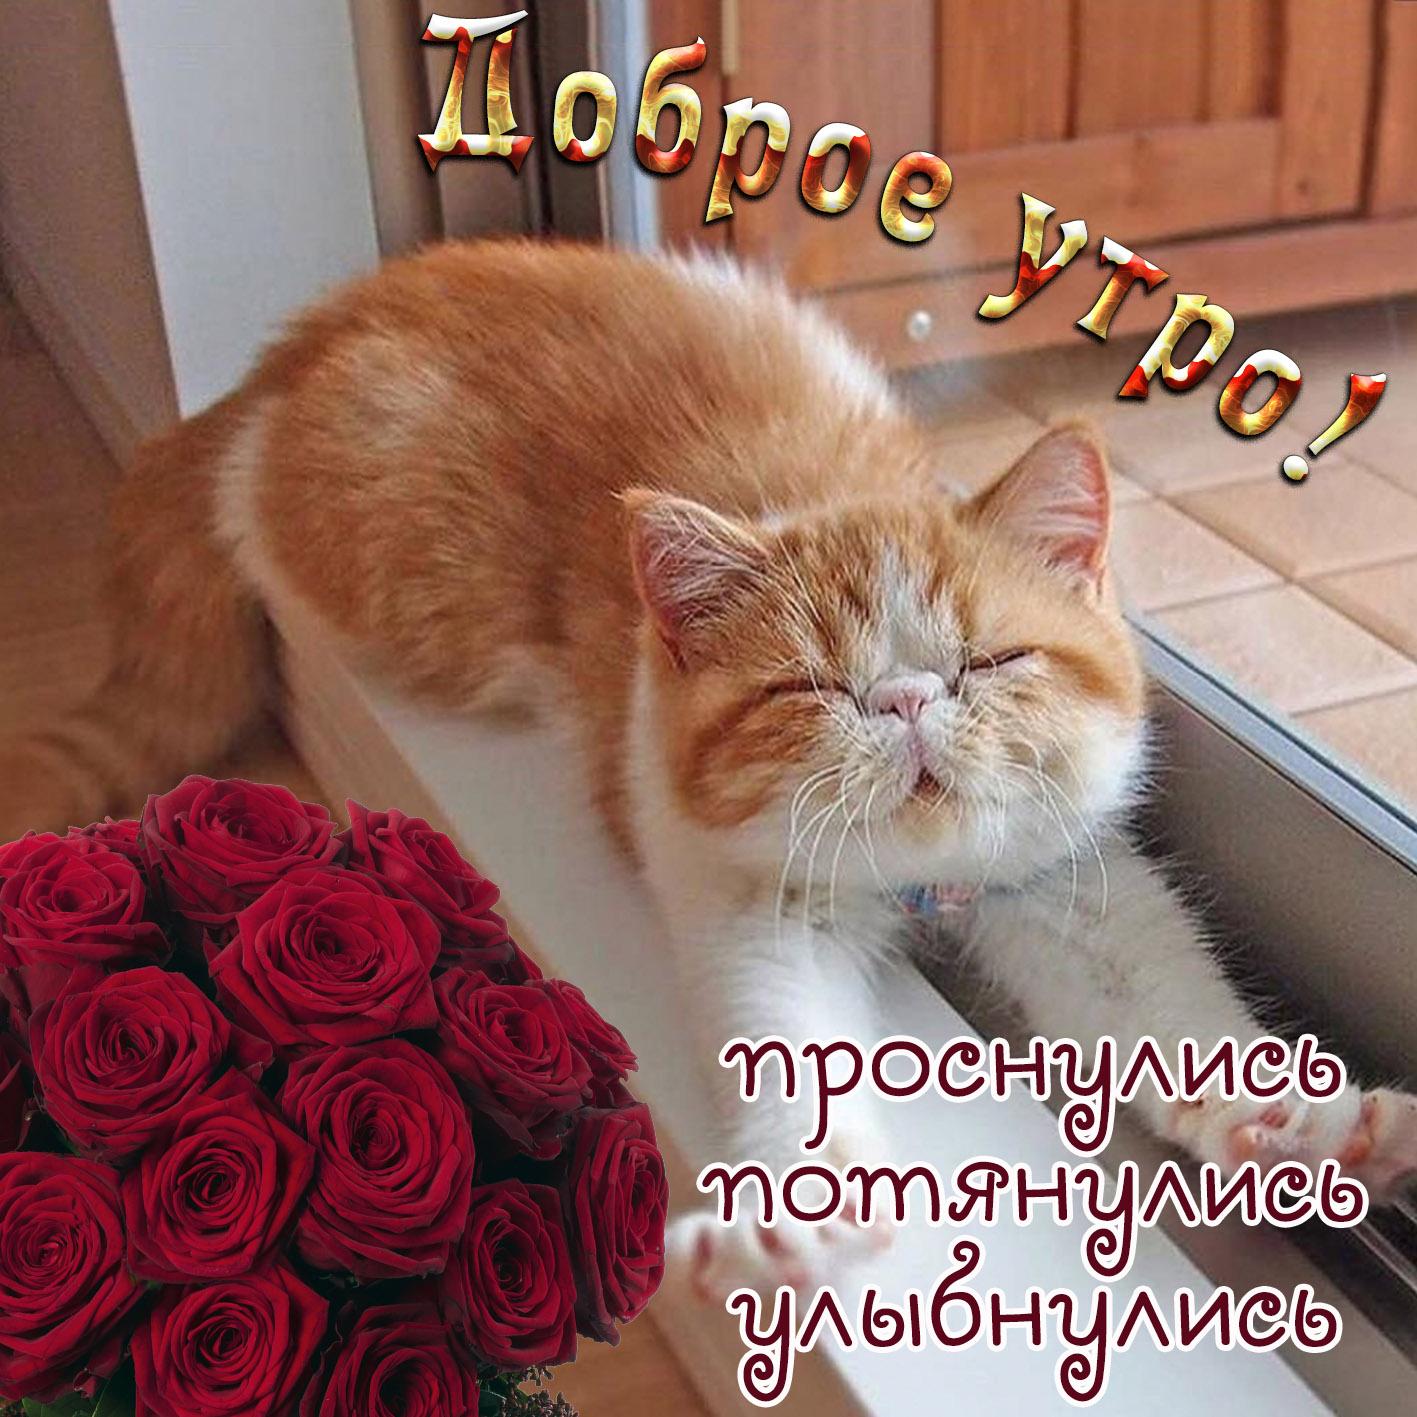 Красиво, открытки с котами с добрым утром прикольные